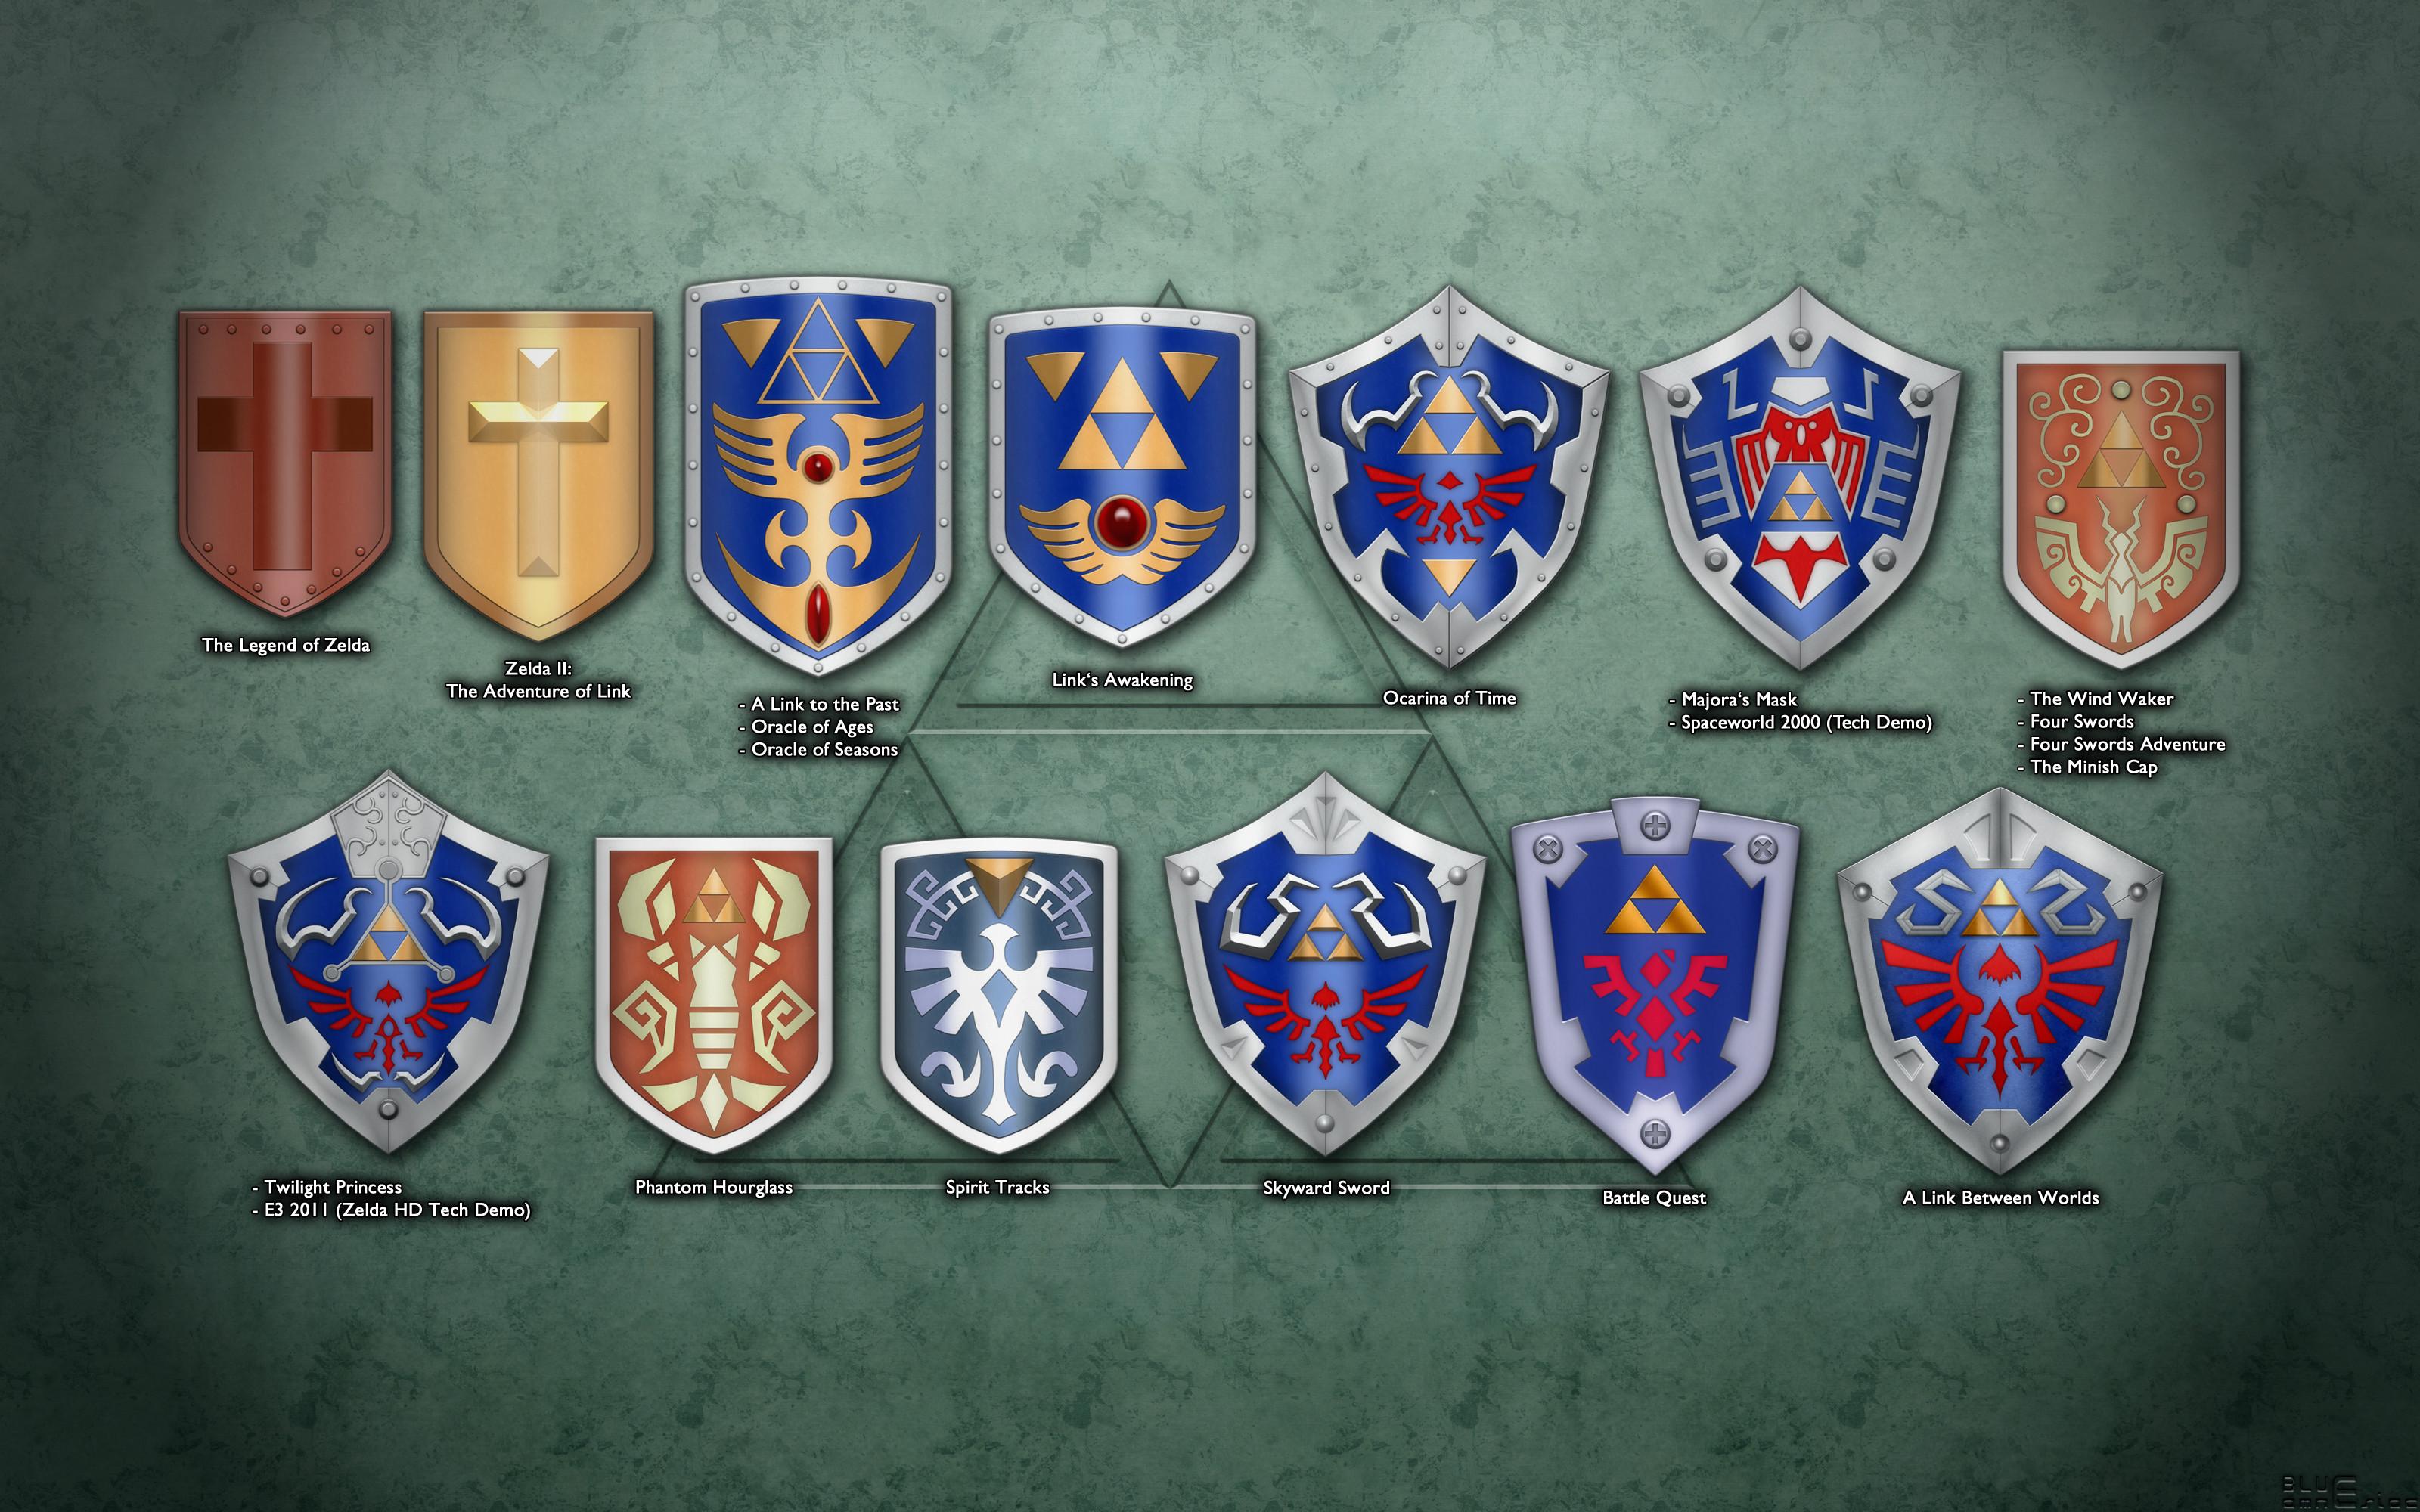 The-Legend-of-Zelda-The-Legend-of-Zelda-